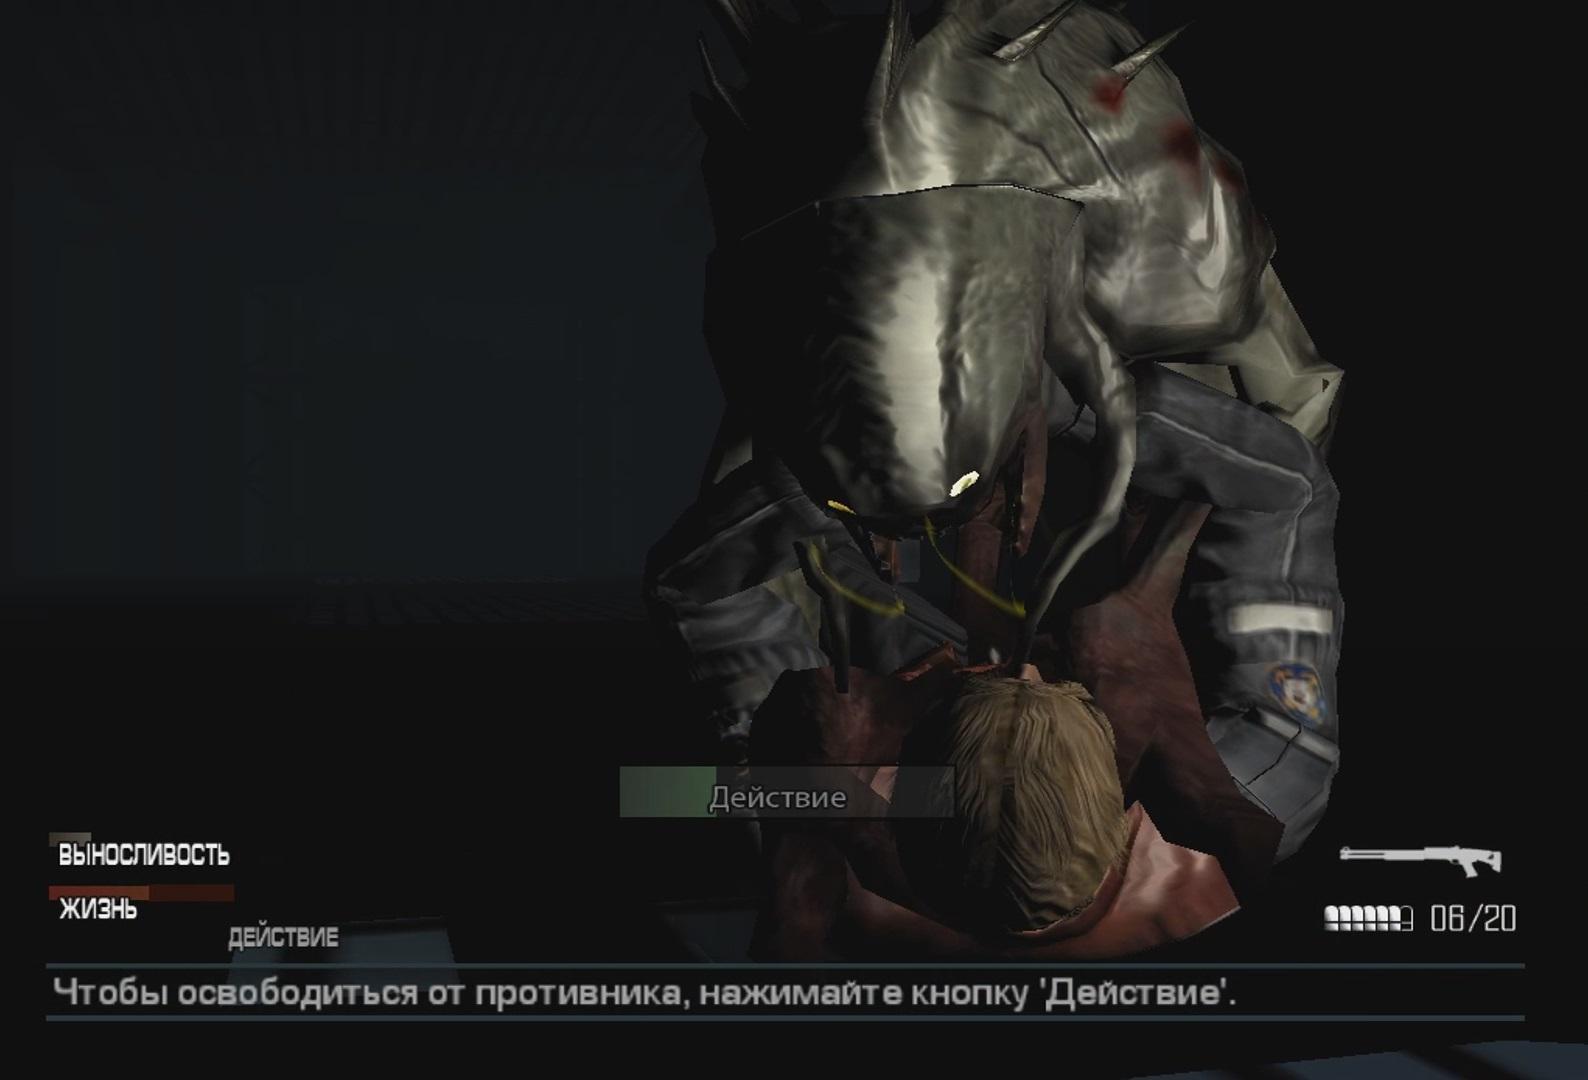 Прохладный Страх   Обзор игры Cold Fear. - Изображение 6